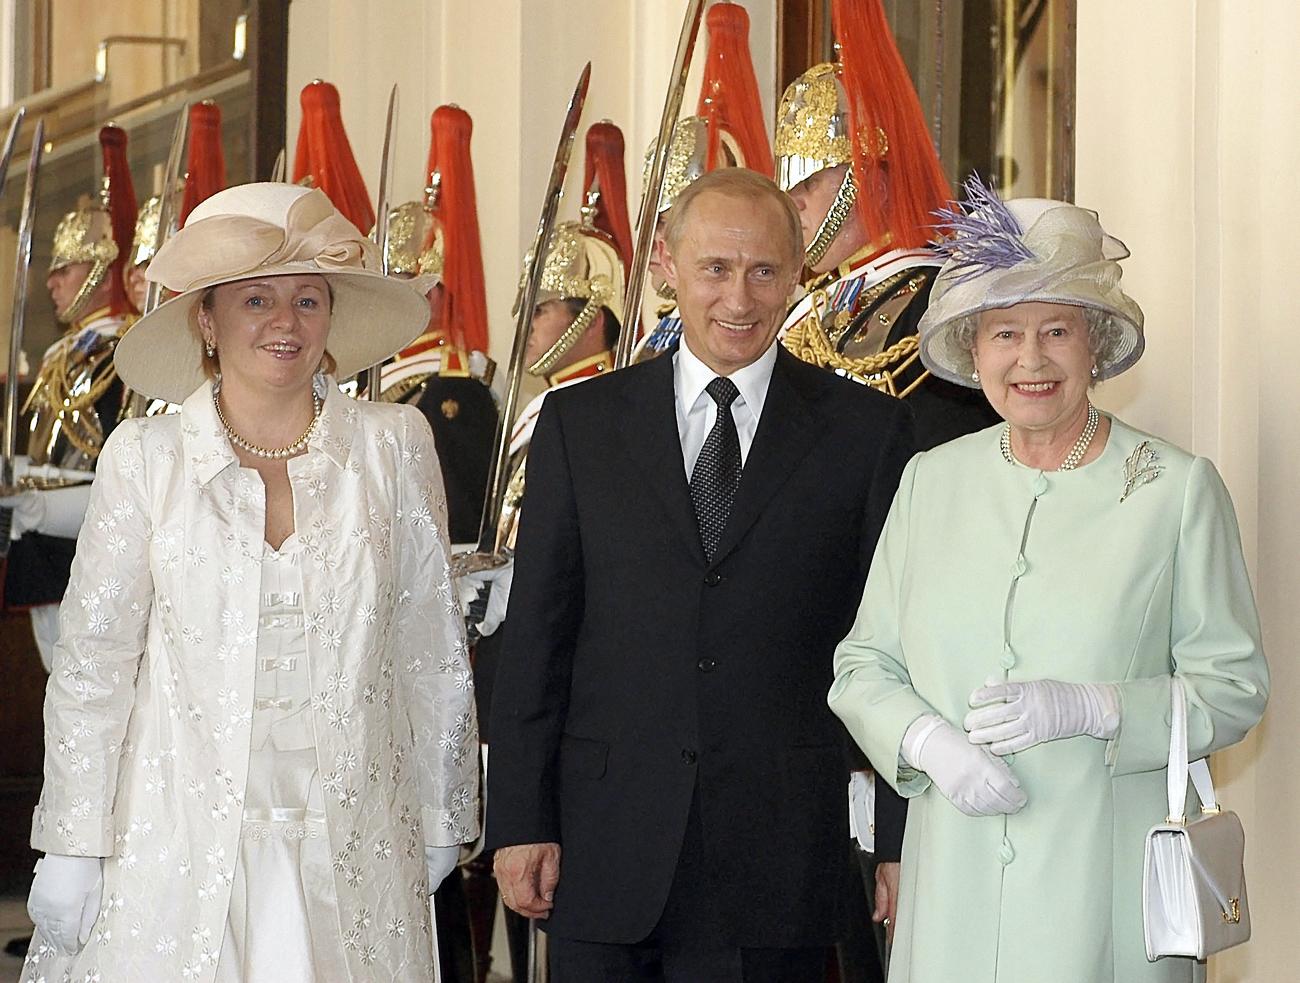 Британската кралица Елизабета II (десно), претседателот на РФ Владимир Путин, кој пристигна во државна посета на Британија и неговата сопруга Људмила во текот на церемонијата за пречек во Лондон.